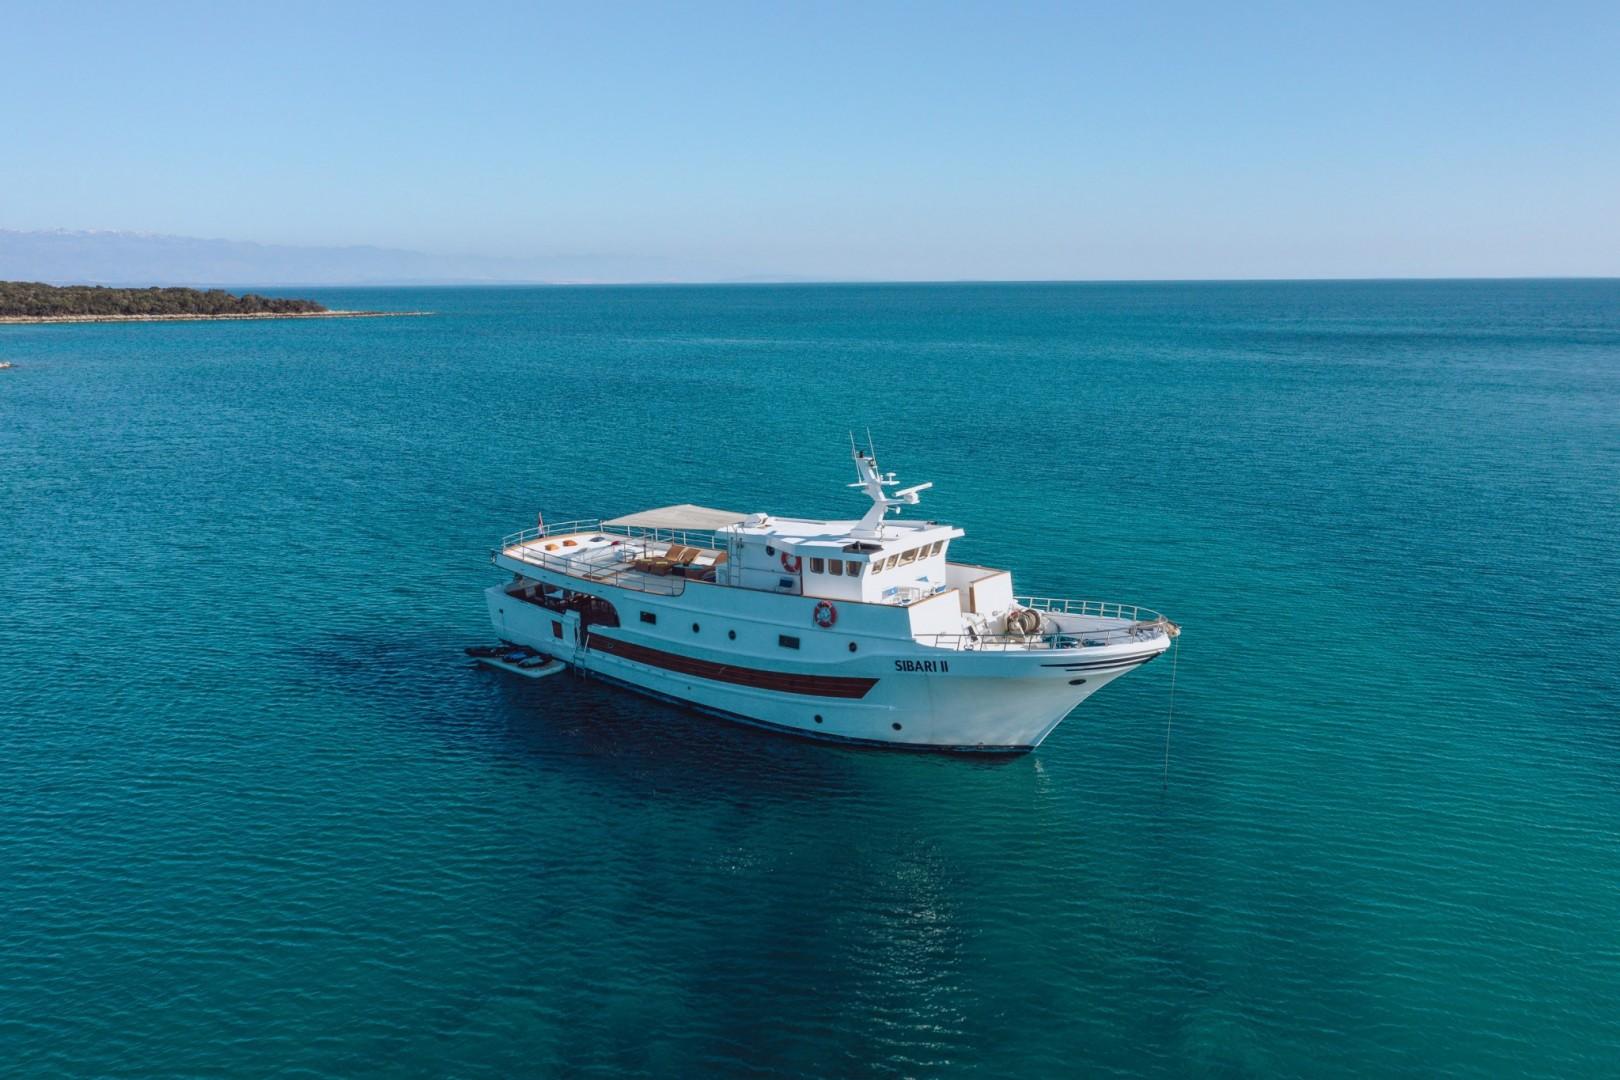 Nepozabno doživetje na hrvaškem morju